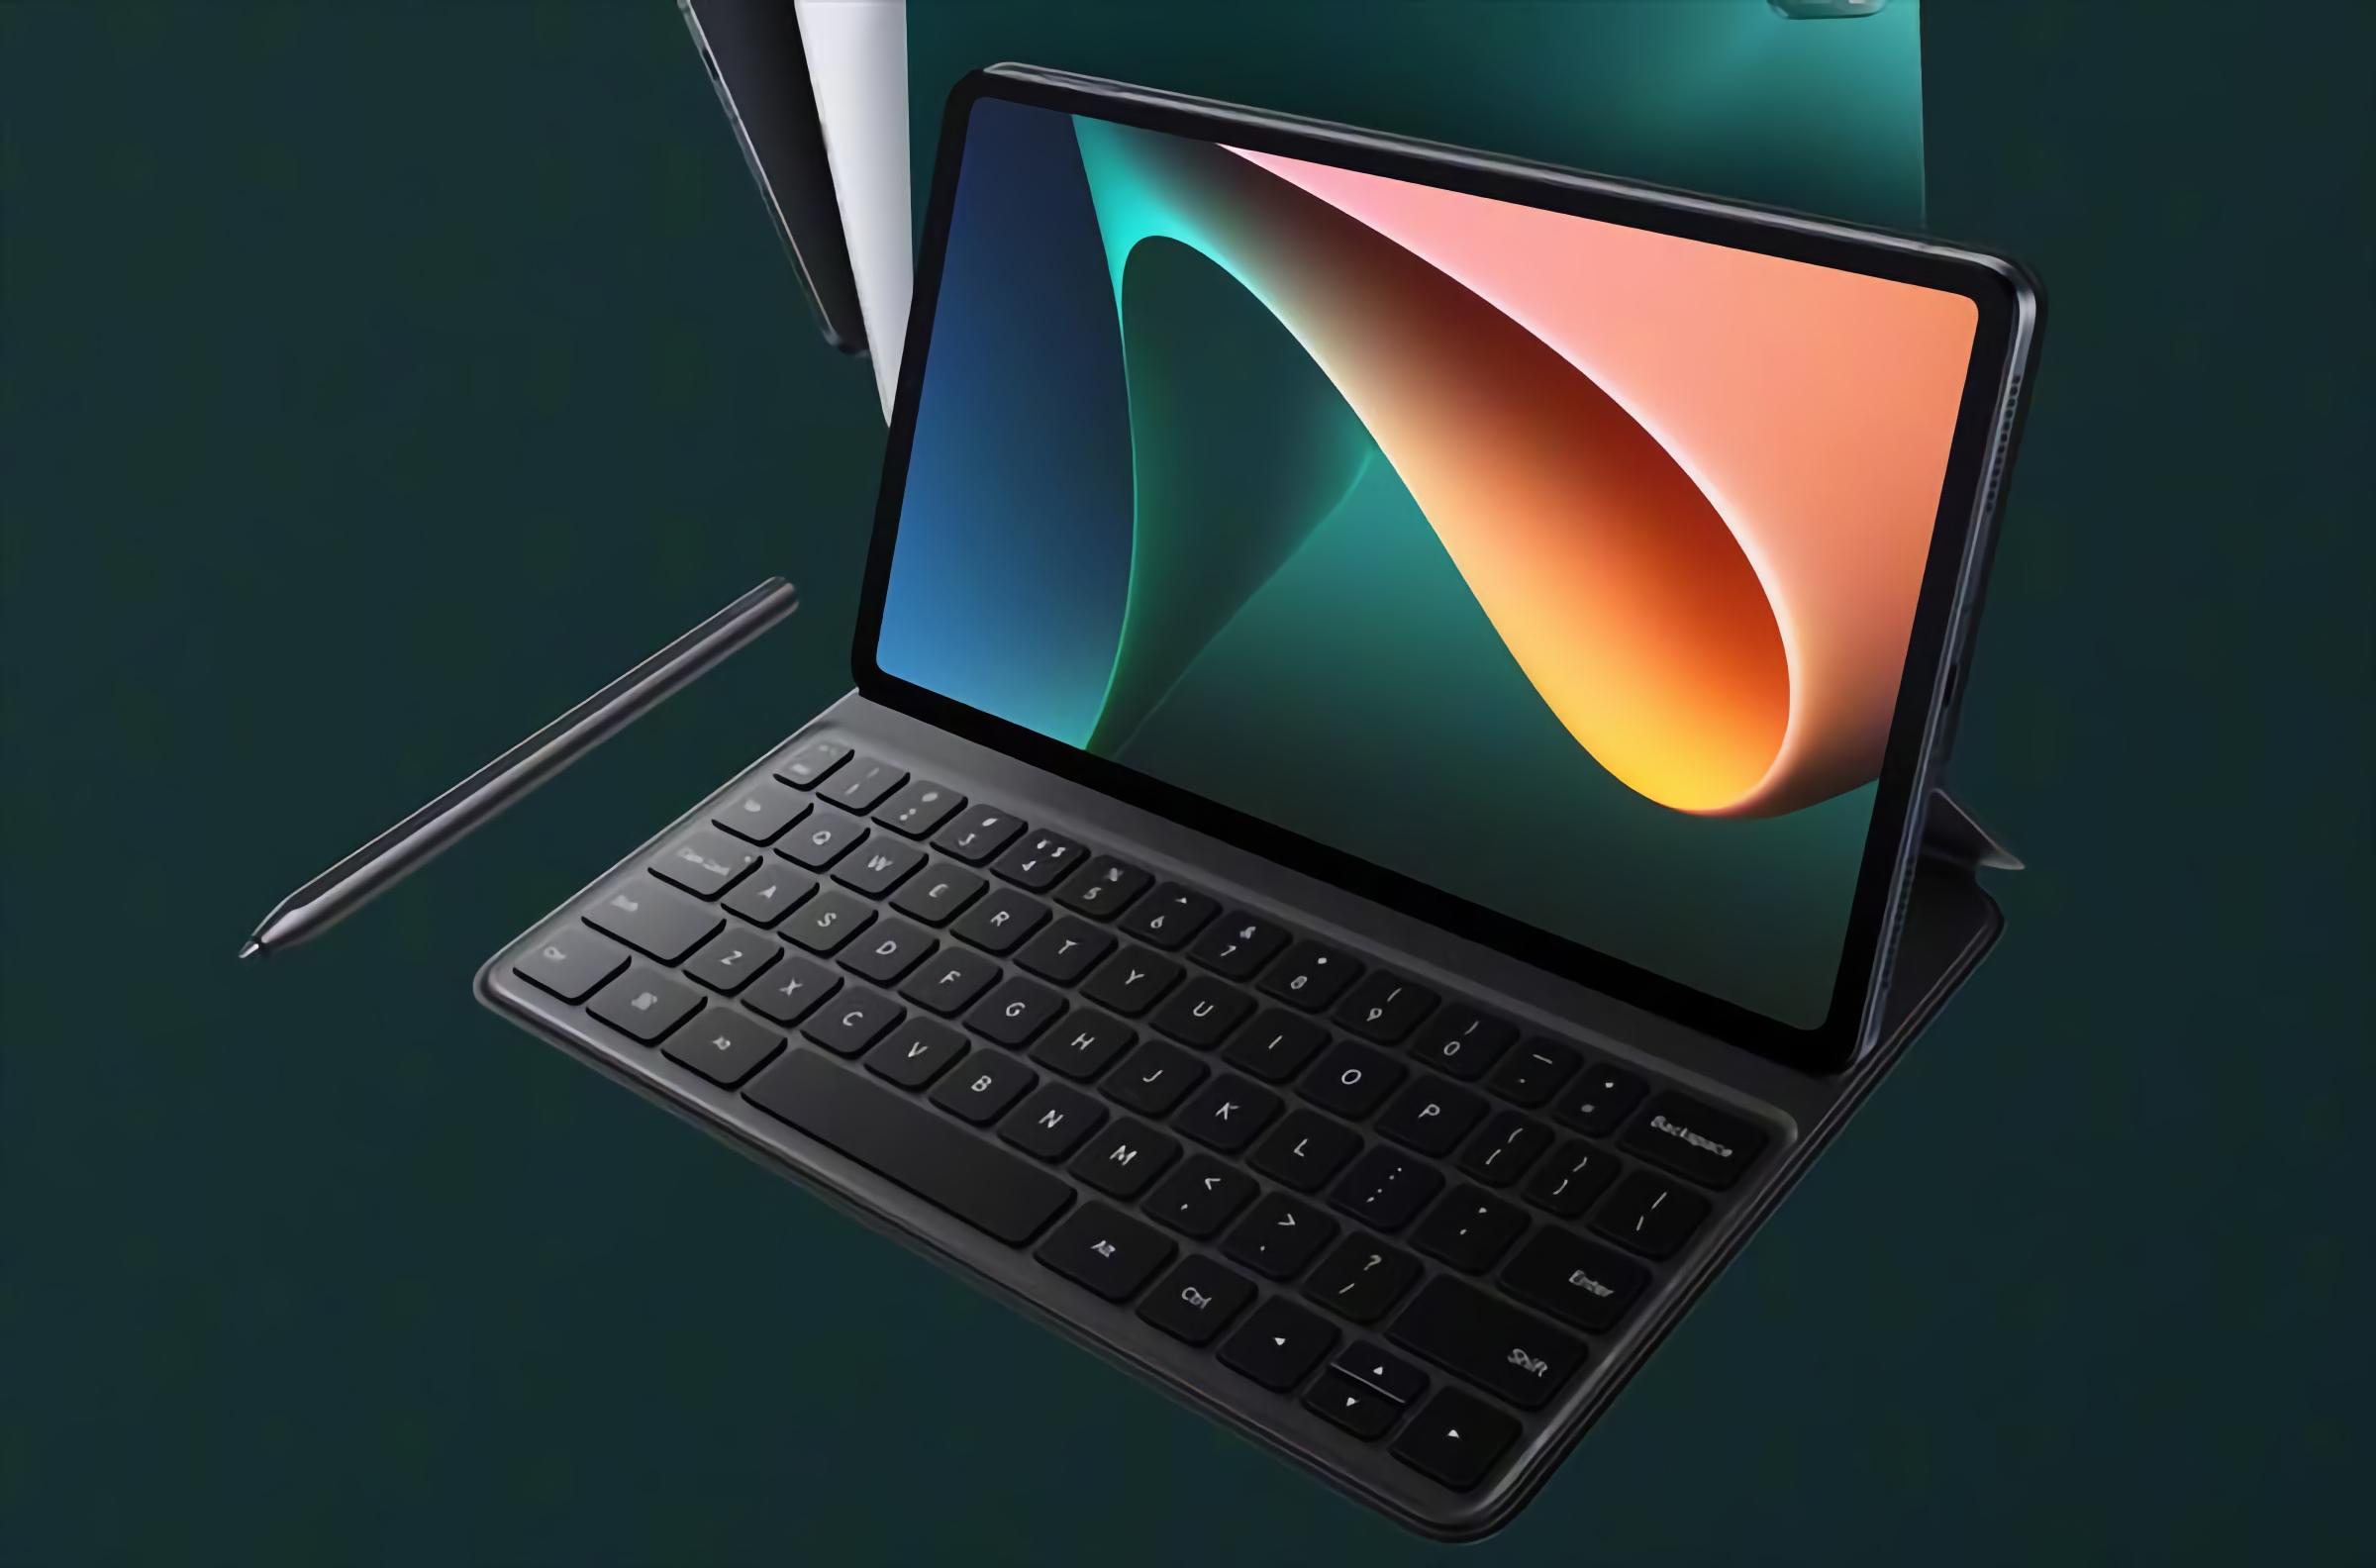 Глобальную версию планшета Xiaomi Pad 5 с чипом Snapdragon 860 и 11-дюймовым экраном на 120 Гц уже можно купить на AliExpress